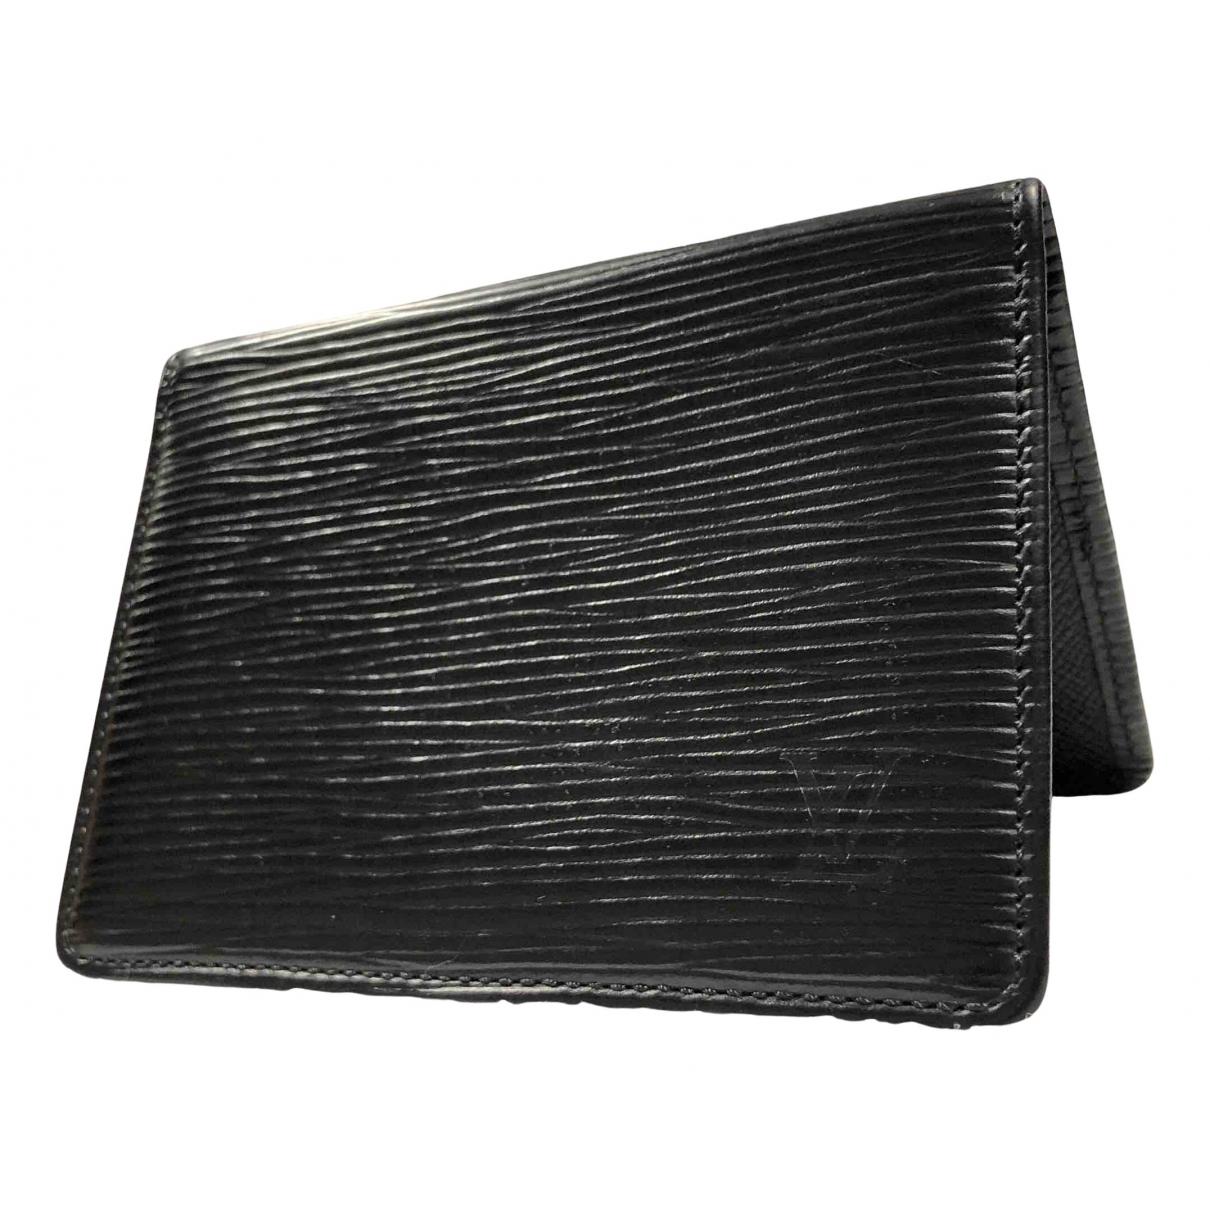 Marroquineria  Coin Card Holder de Cuero Louis Vuitton